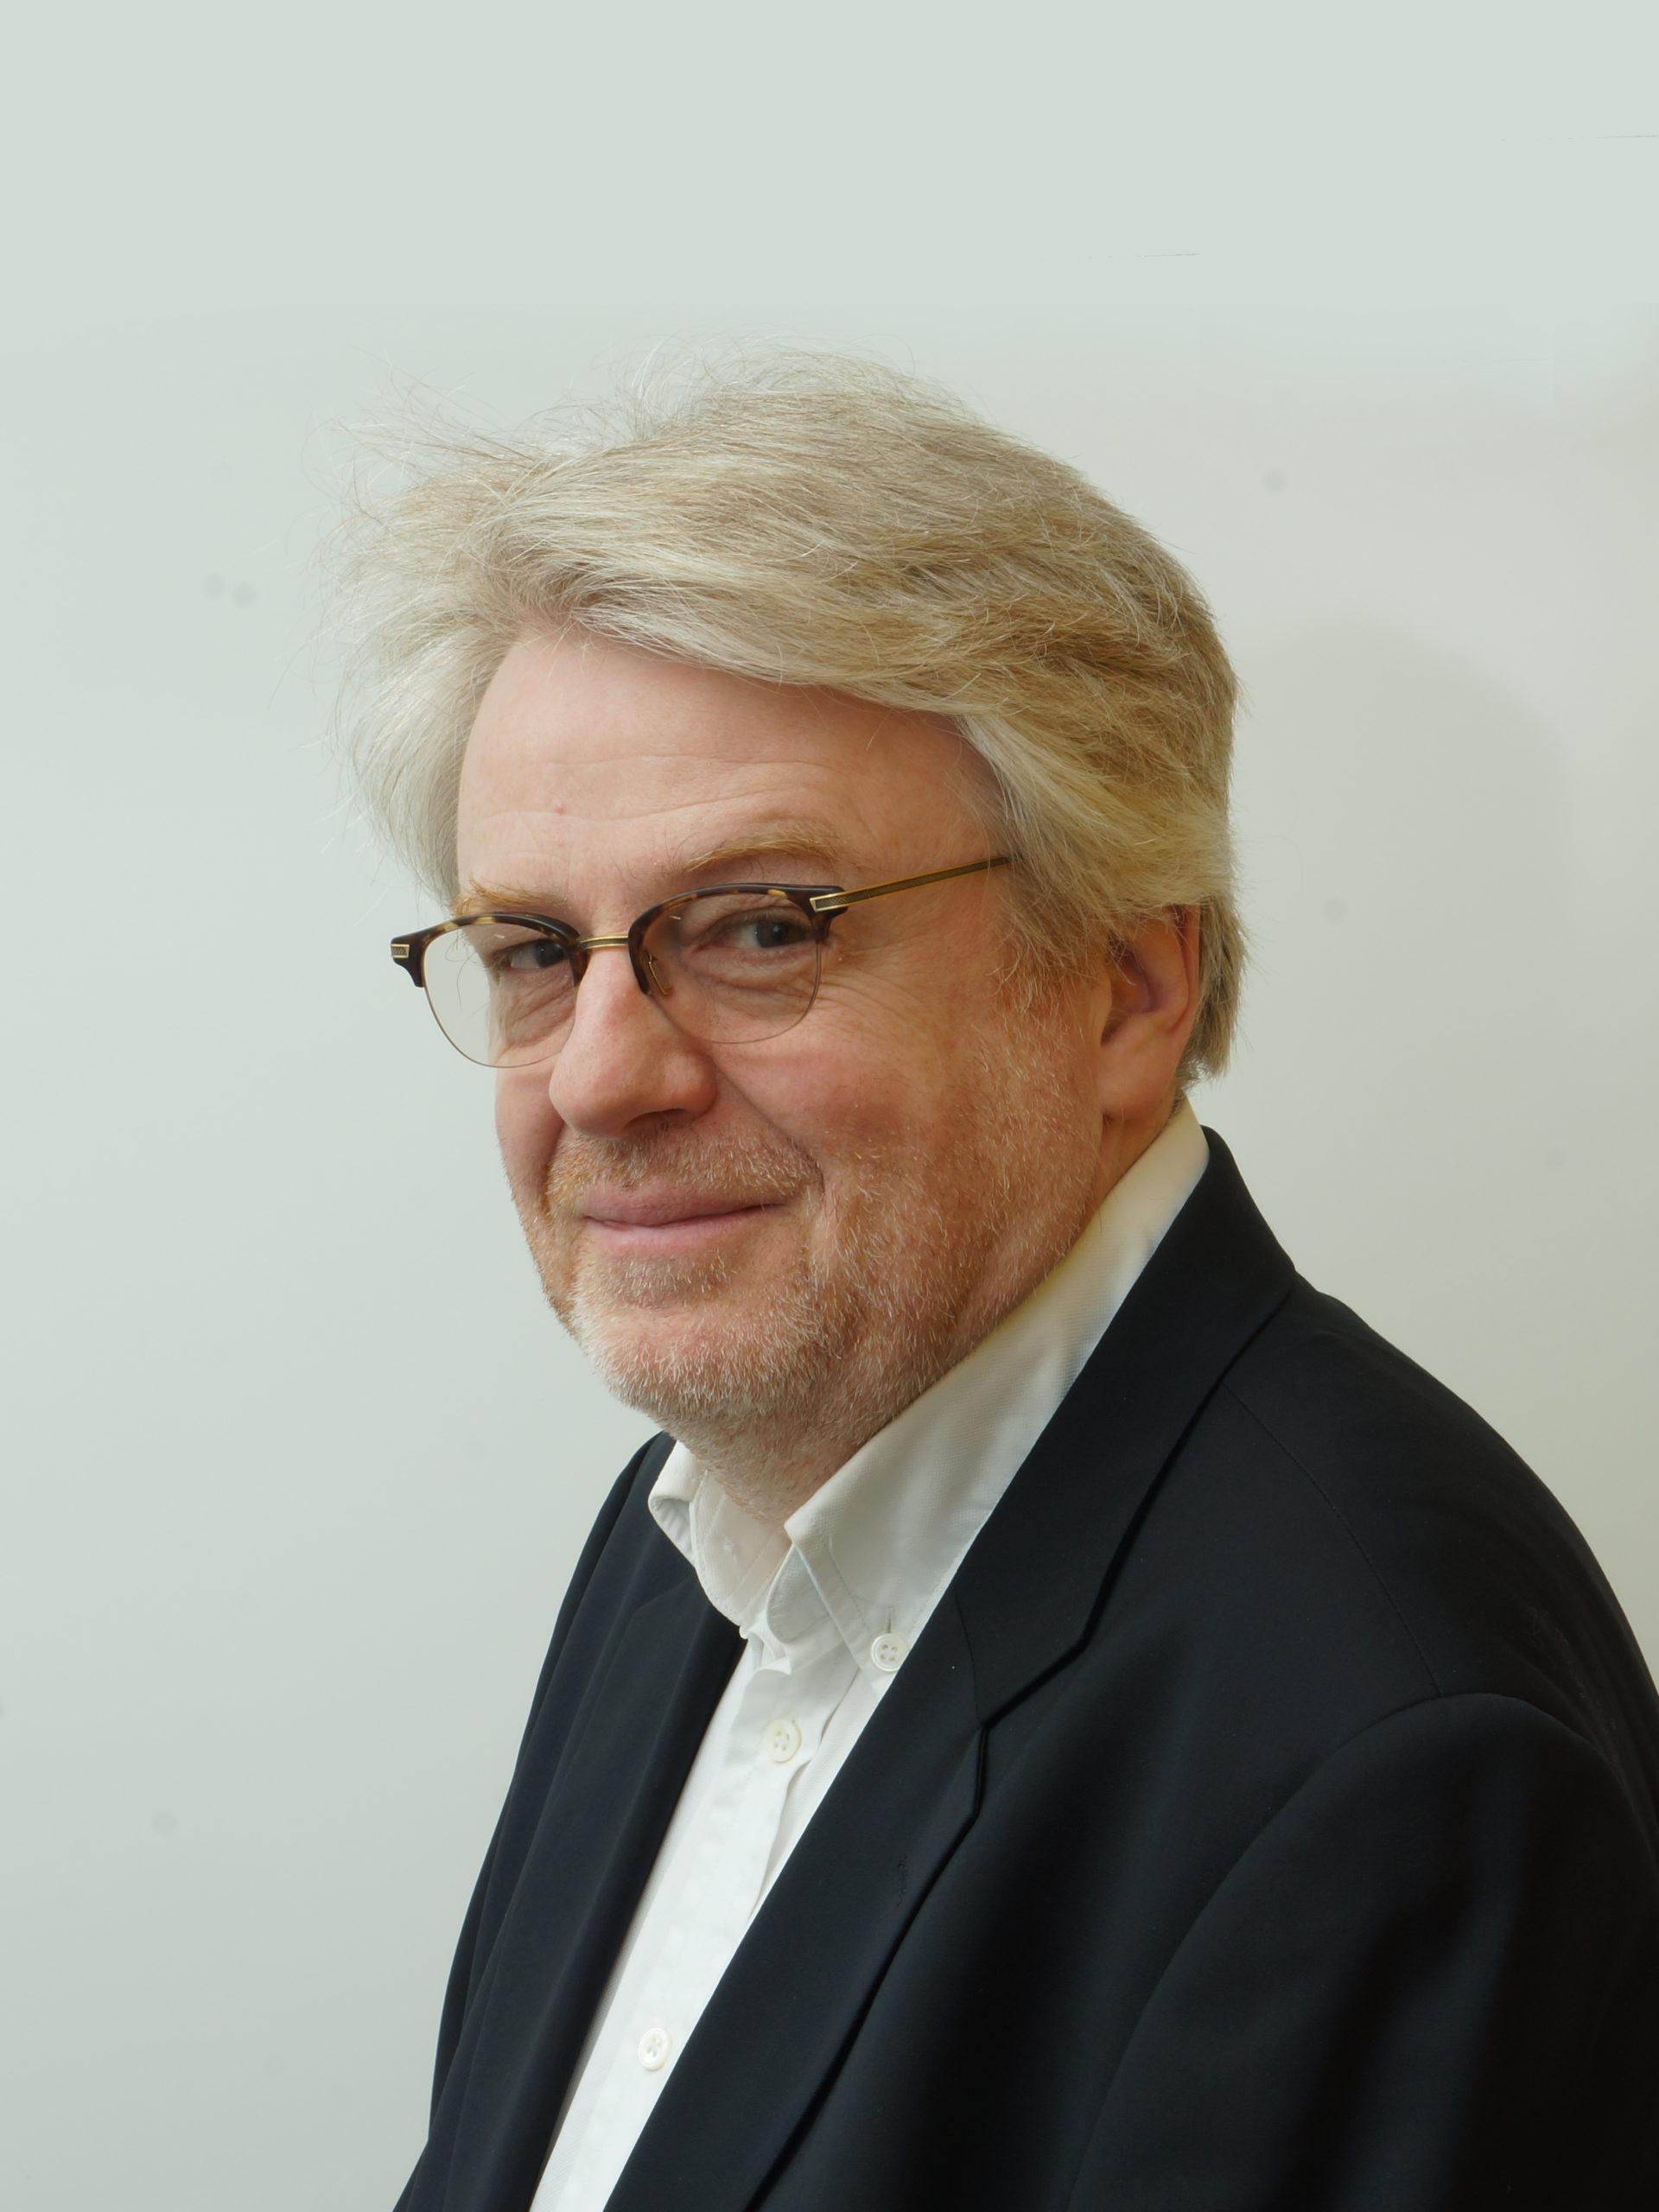 Daniel Demoustier coach et pnl à Limoges